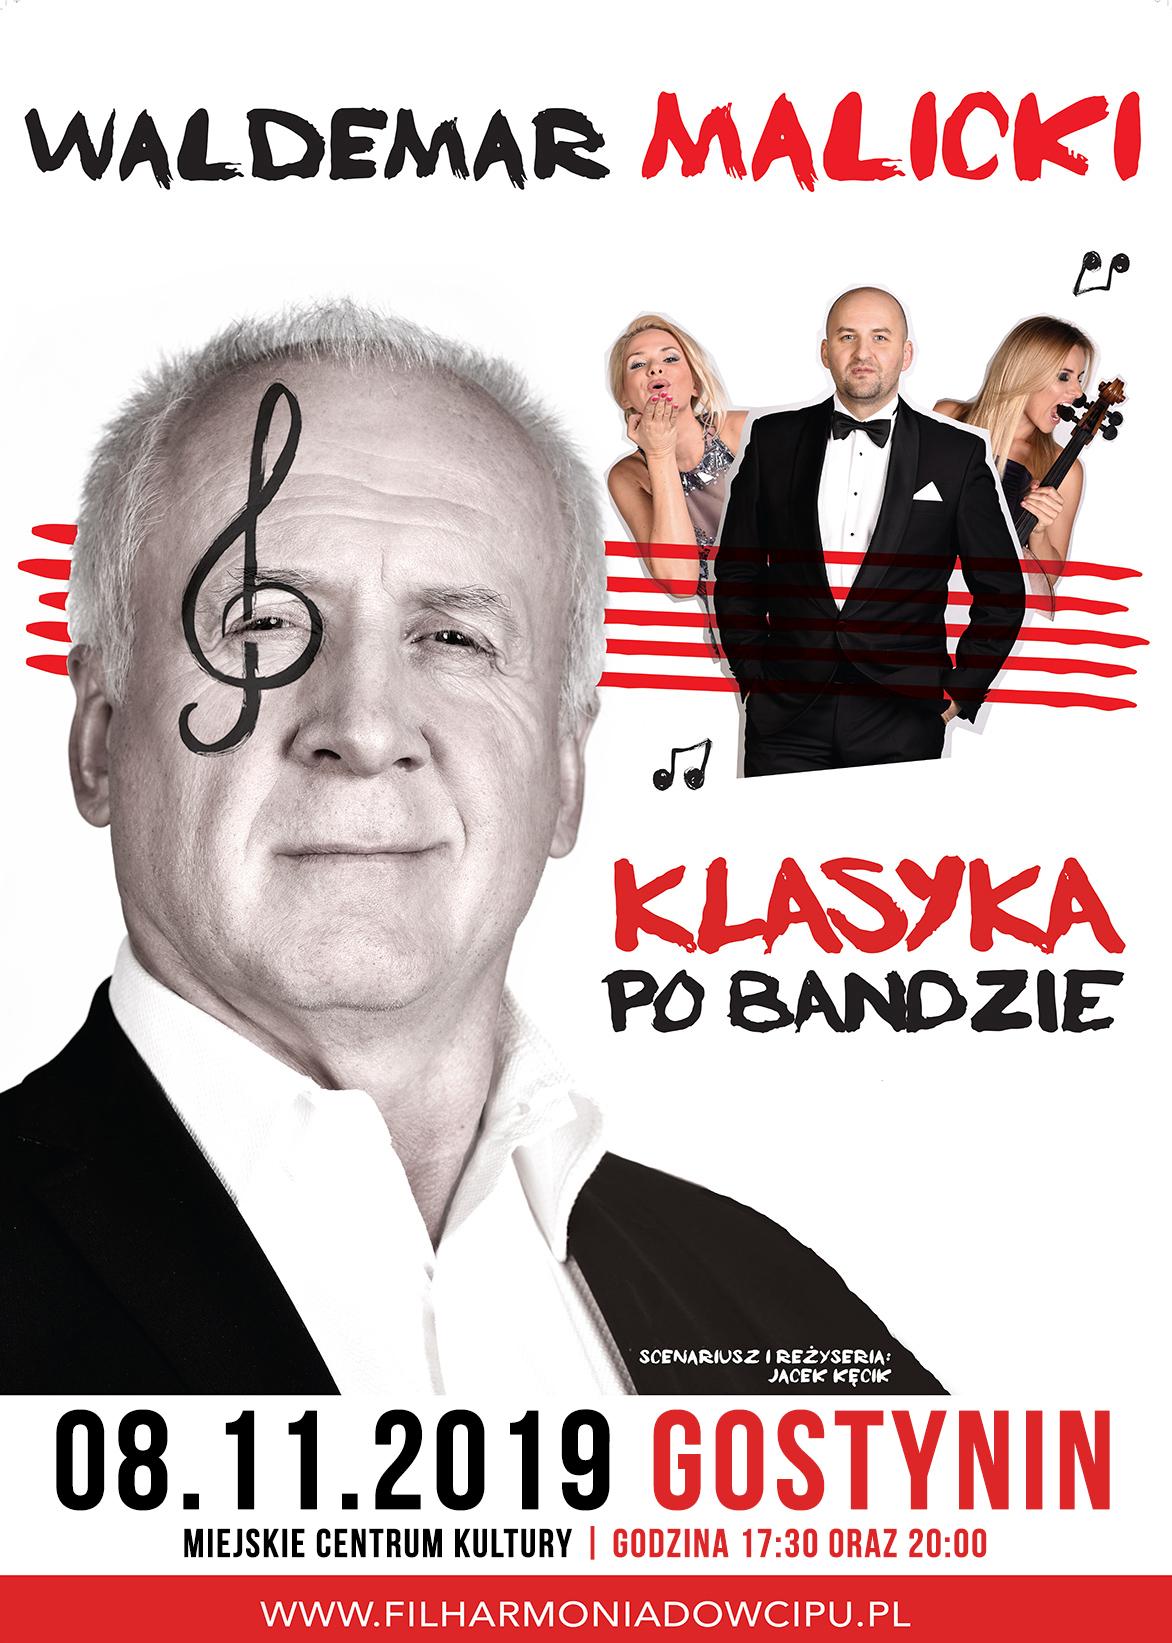 Waldemar Malicki KLASYKA PO BANDZIE